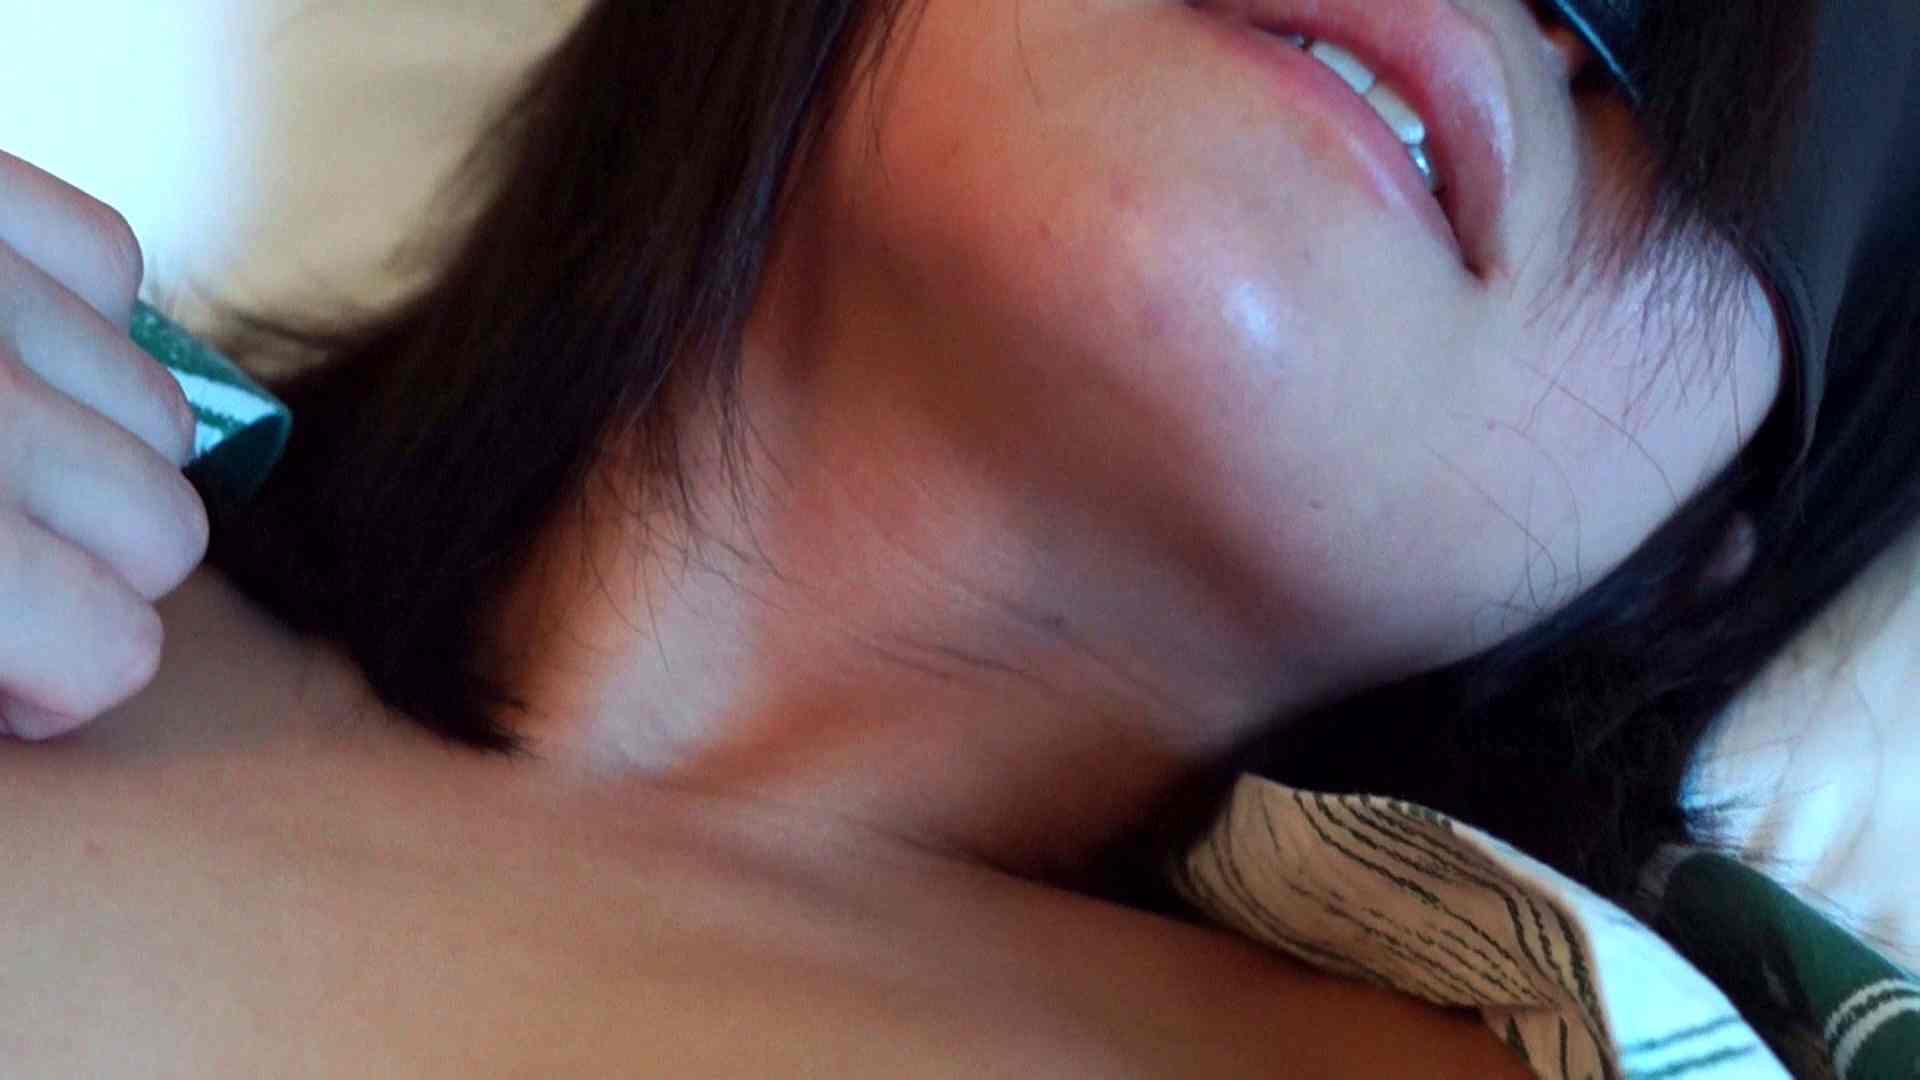 vol.8 前回撮影で見ることのできなかった留華ちゃんの小ぶりな胸! OL裸体 | 顔出しNG一般女性  110画像 103